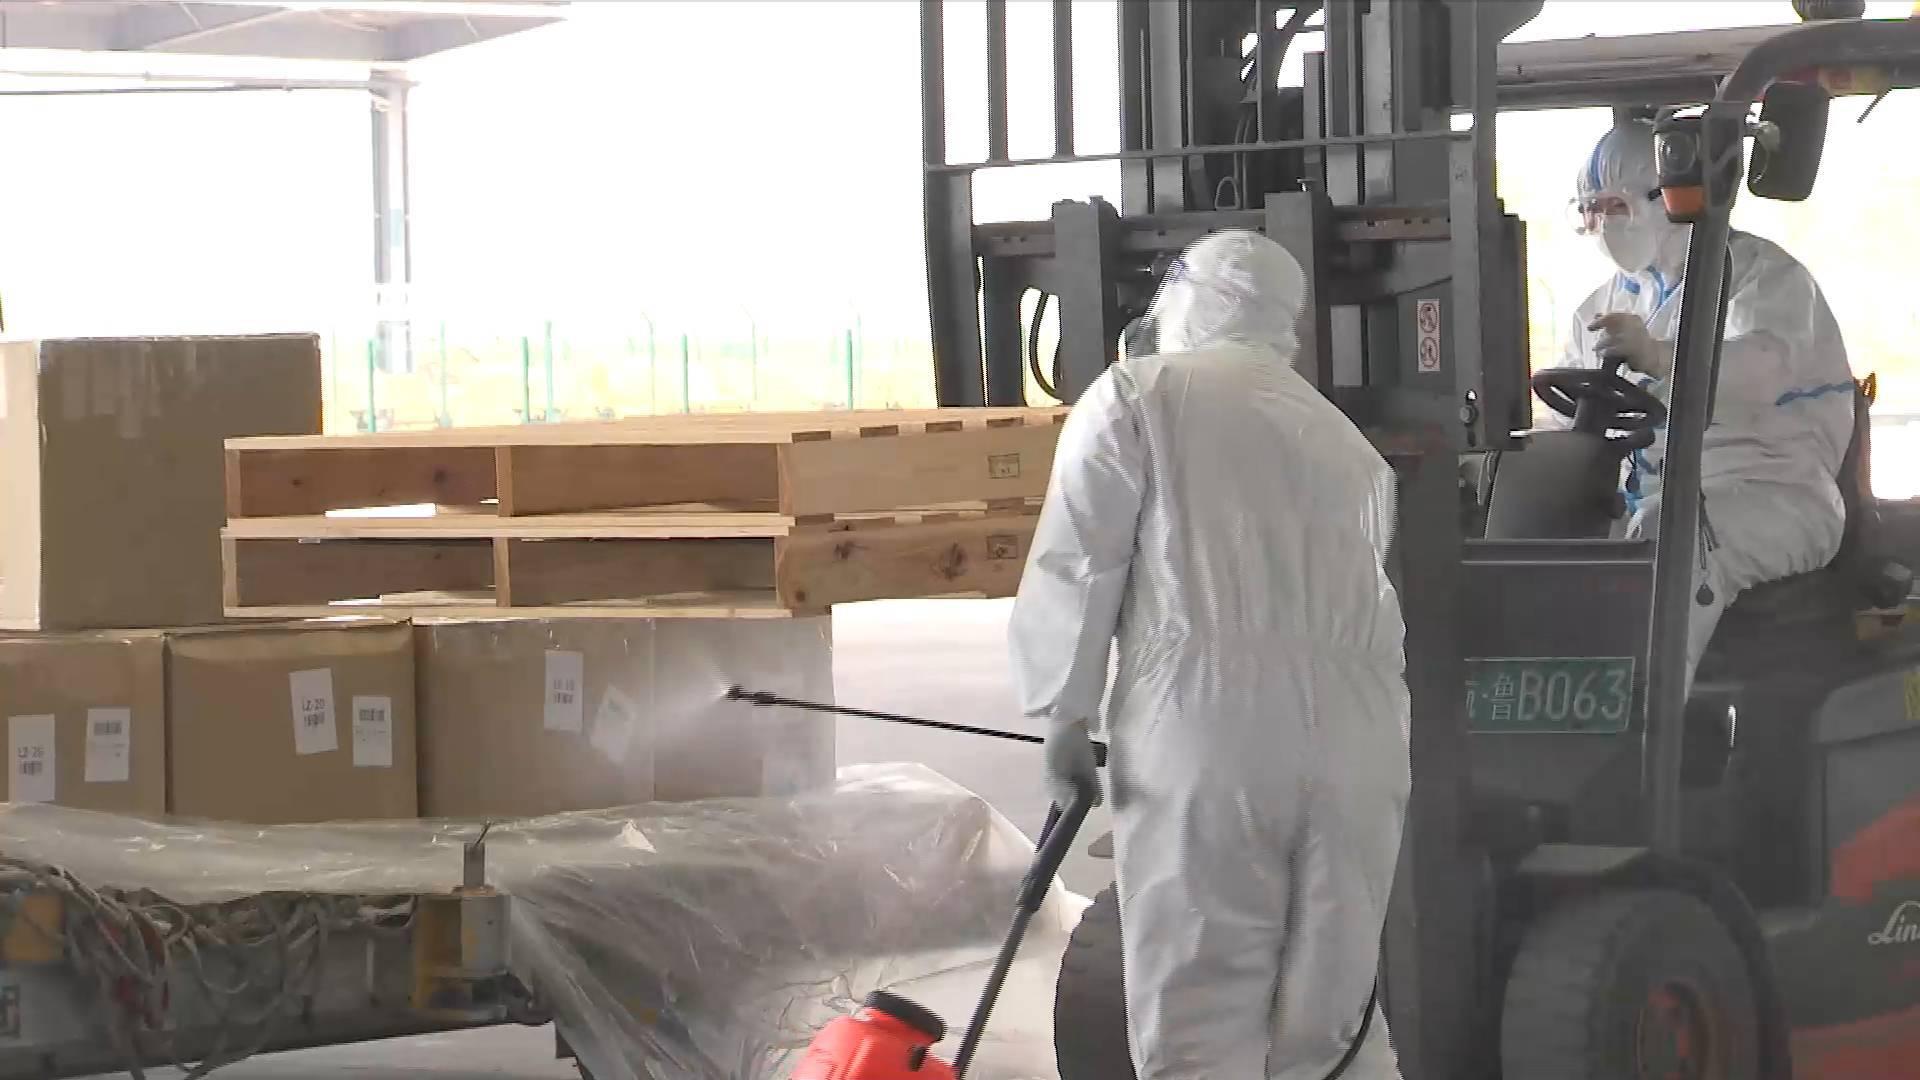 青岛胶东机场严控国际货运防疫 阻隔疫情境外输入